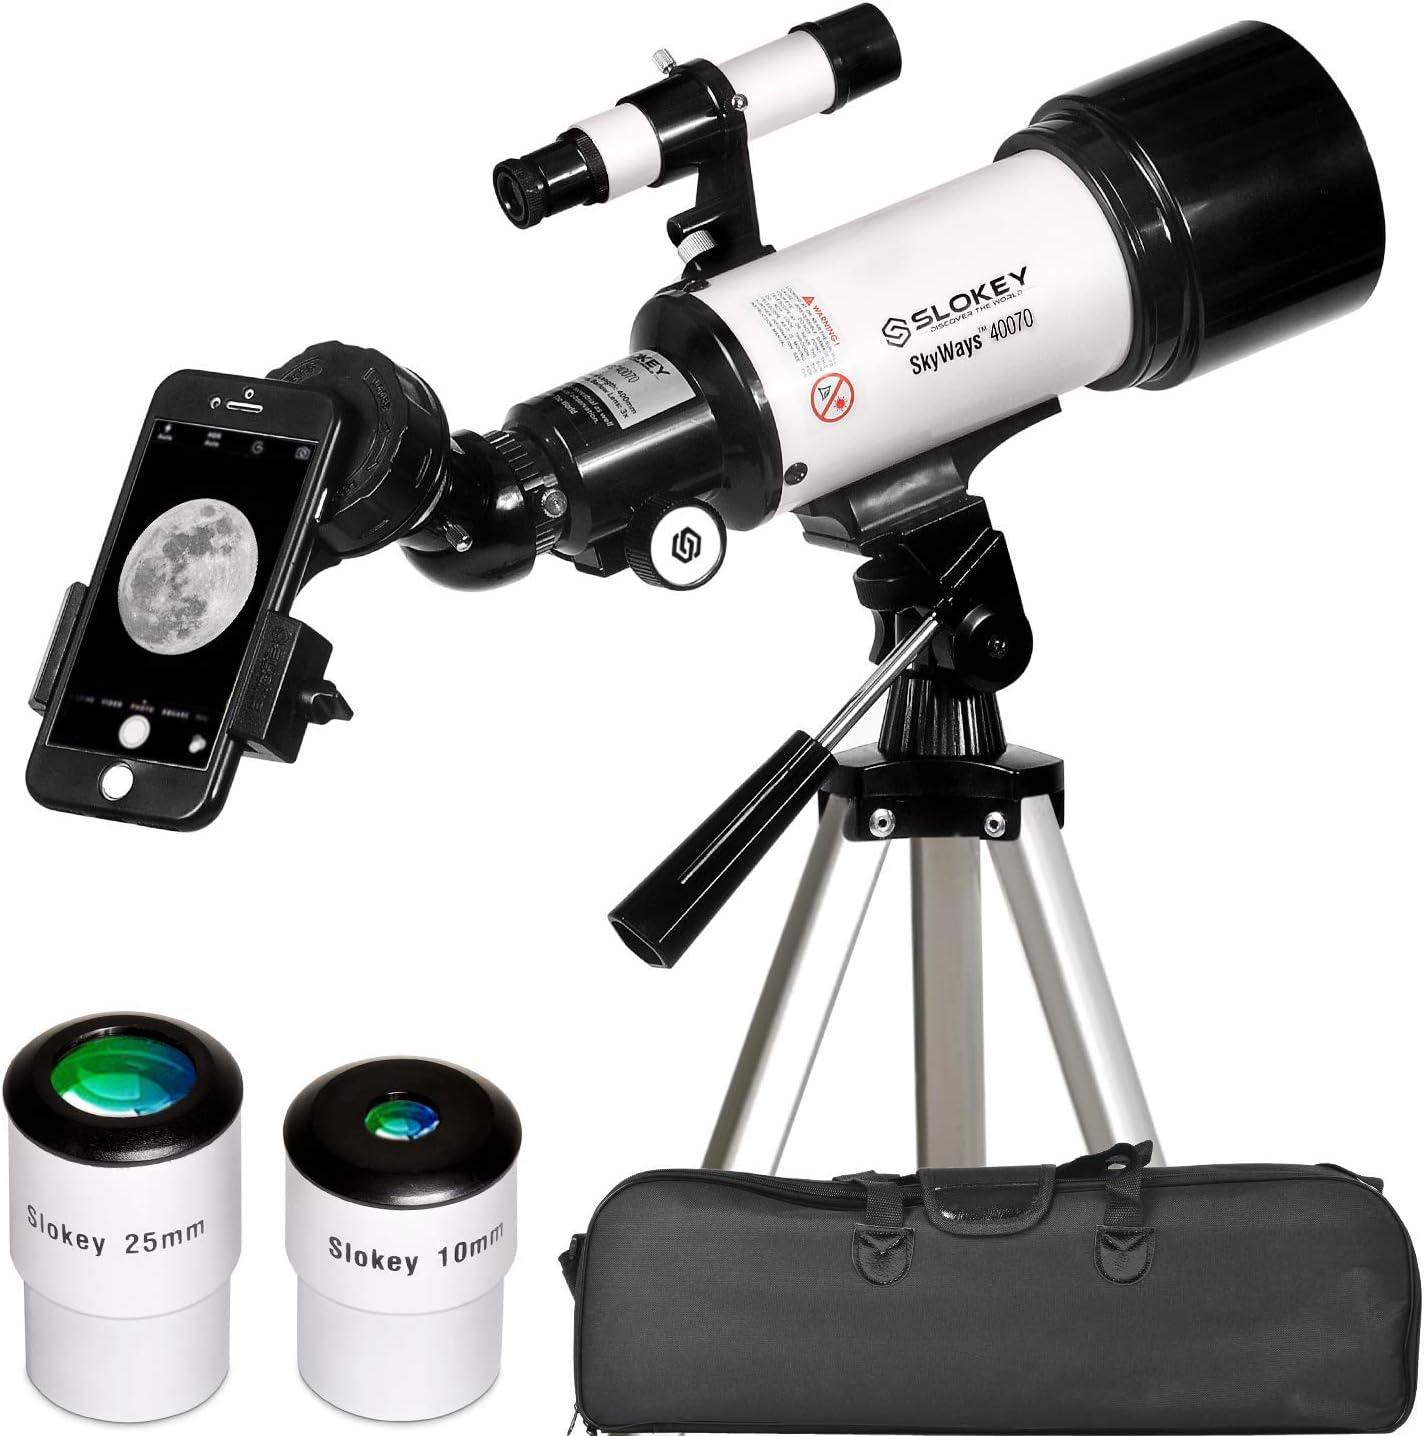 telescopio astronómico portátil